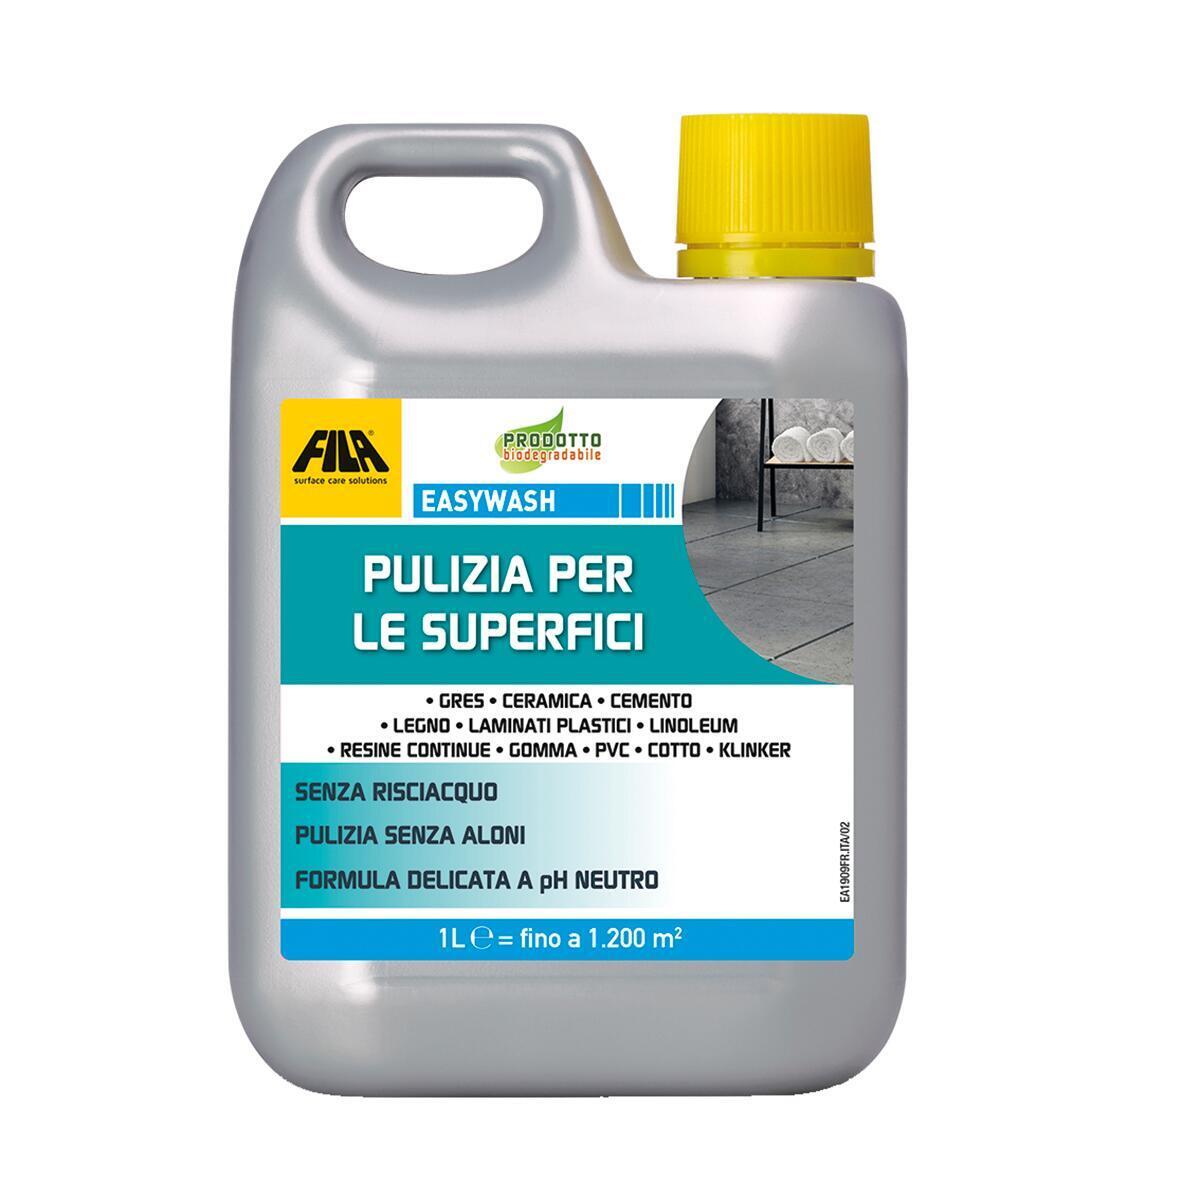 Detergente manutenzione per tutte le superifici FILA 1000 ml - 2